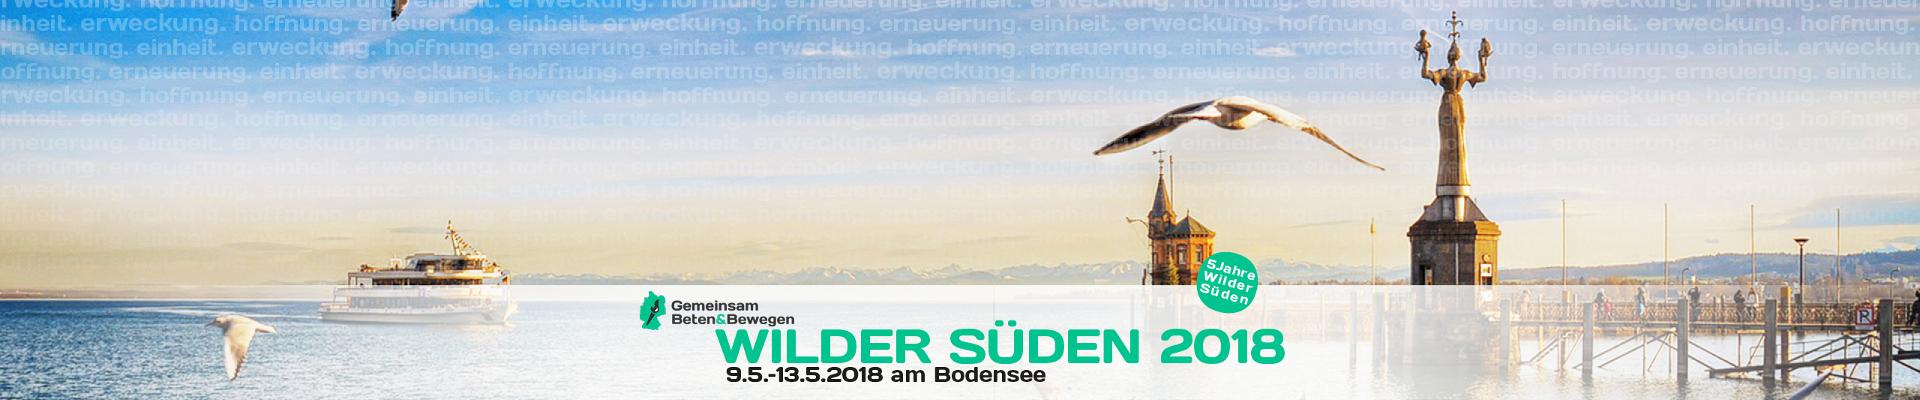 Wilder Süden 2018